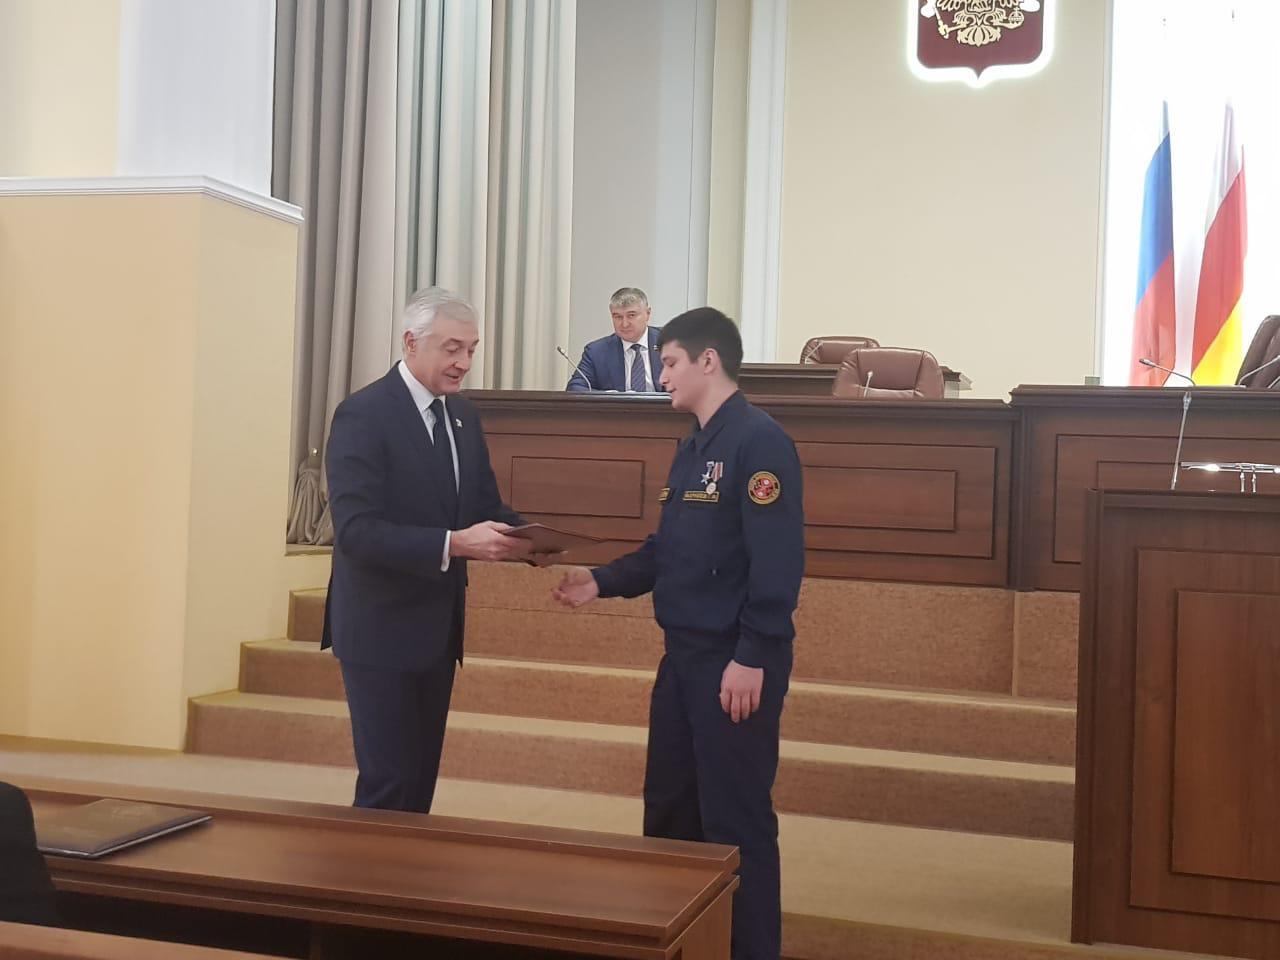 Георгия Фарниева наградили почётной грамотой парламента республики за спасение людей